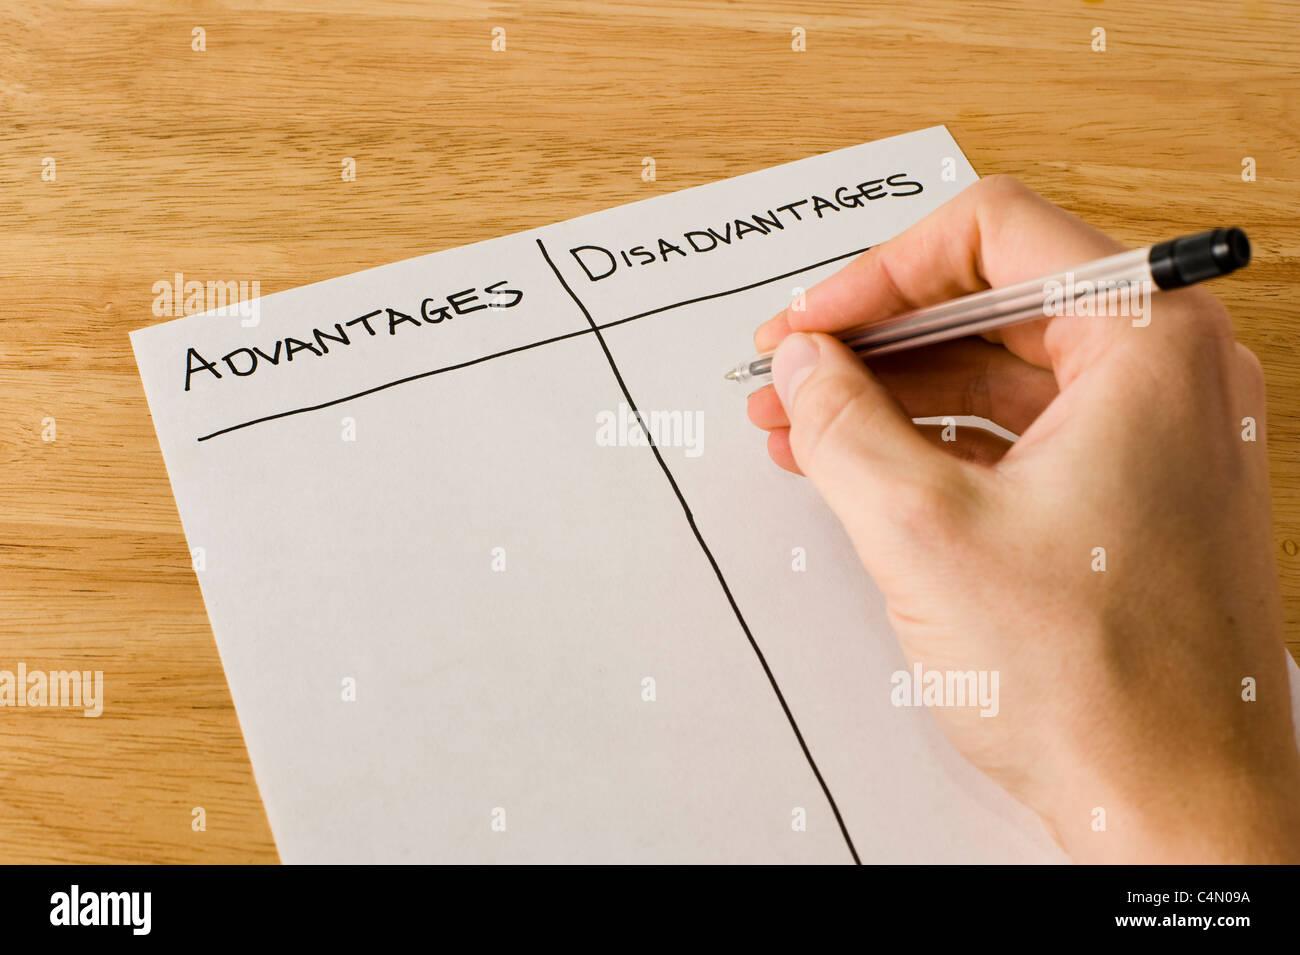 L'homme d'affaires écrit une liste évaluant les avantages et inconvénients d'une décision Photo Stock